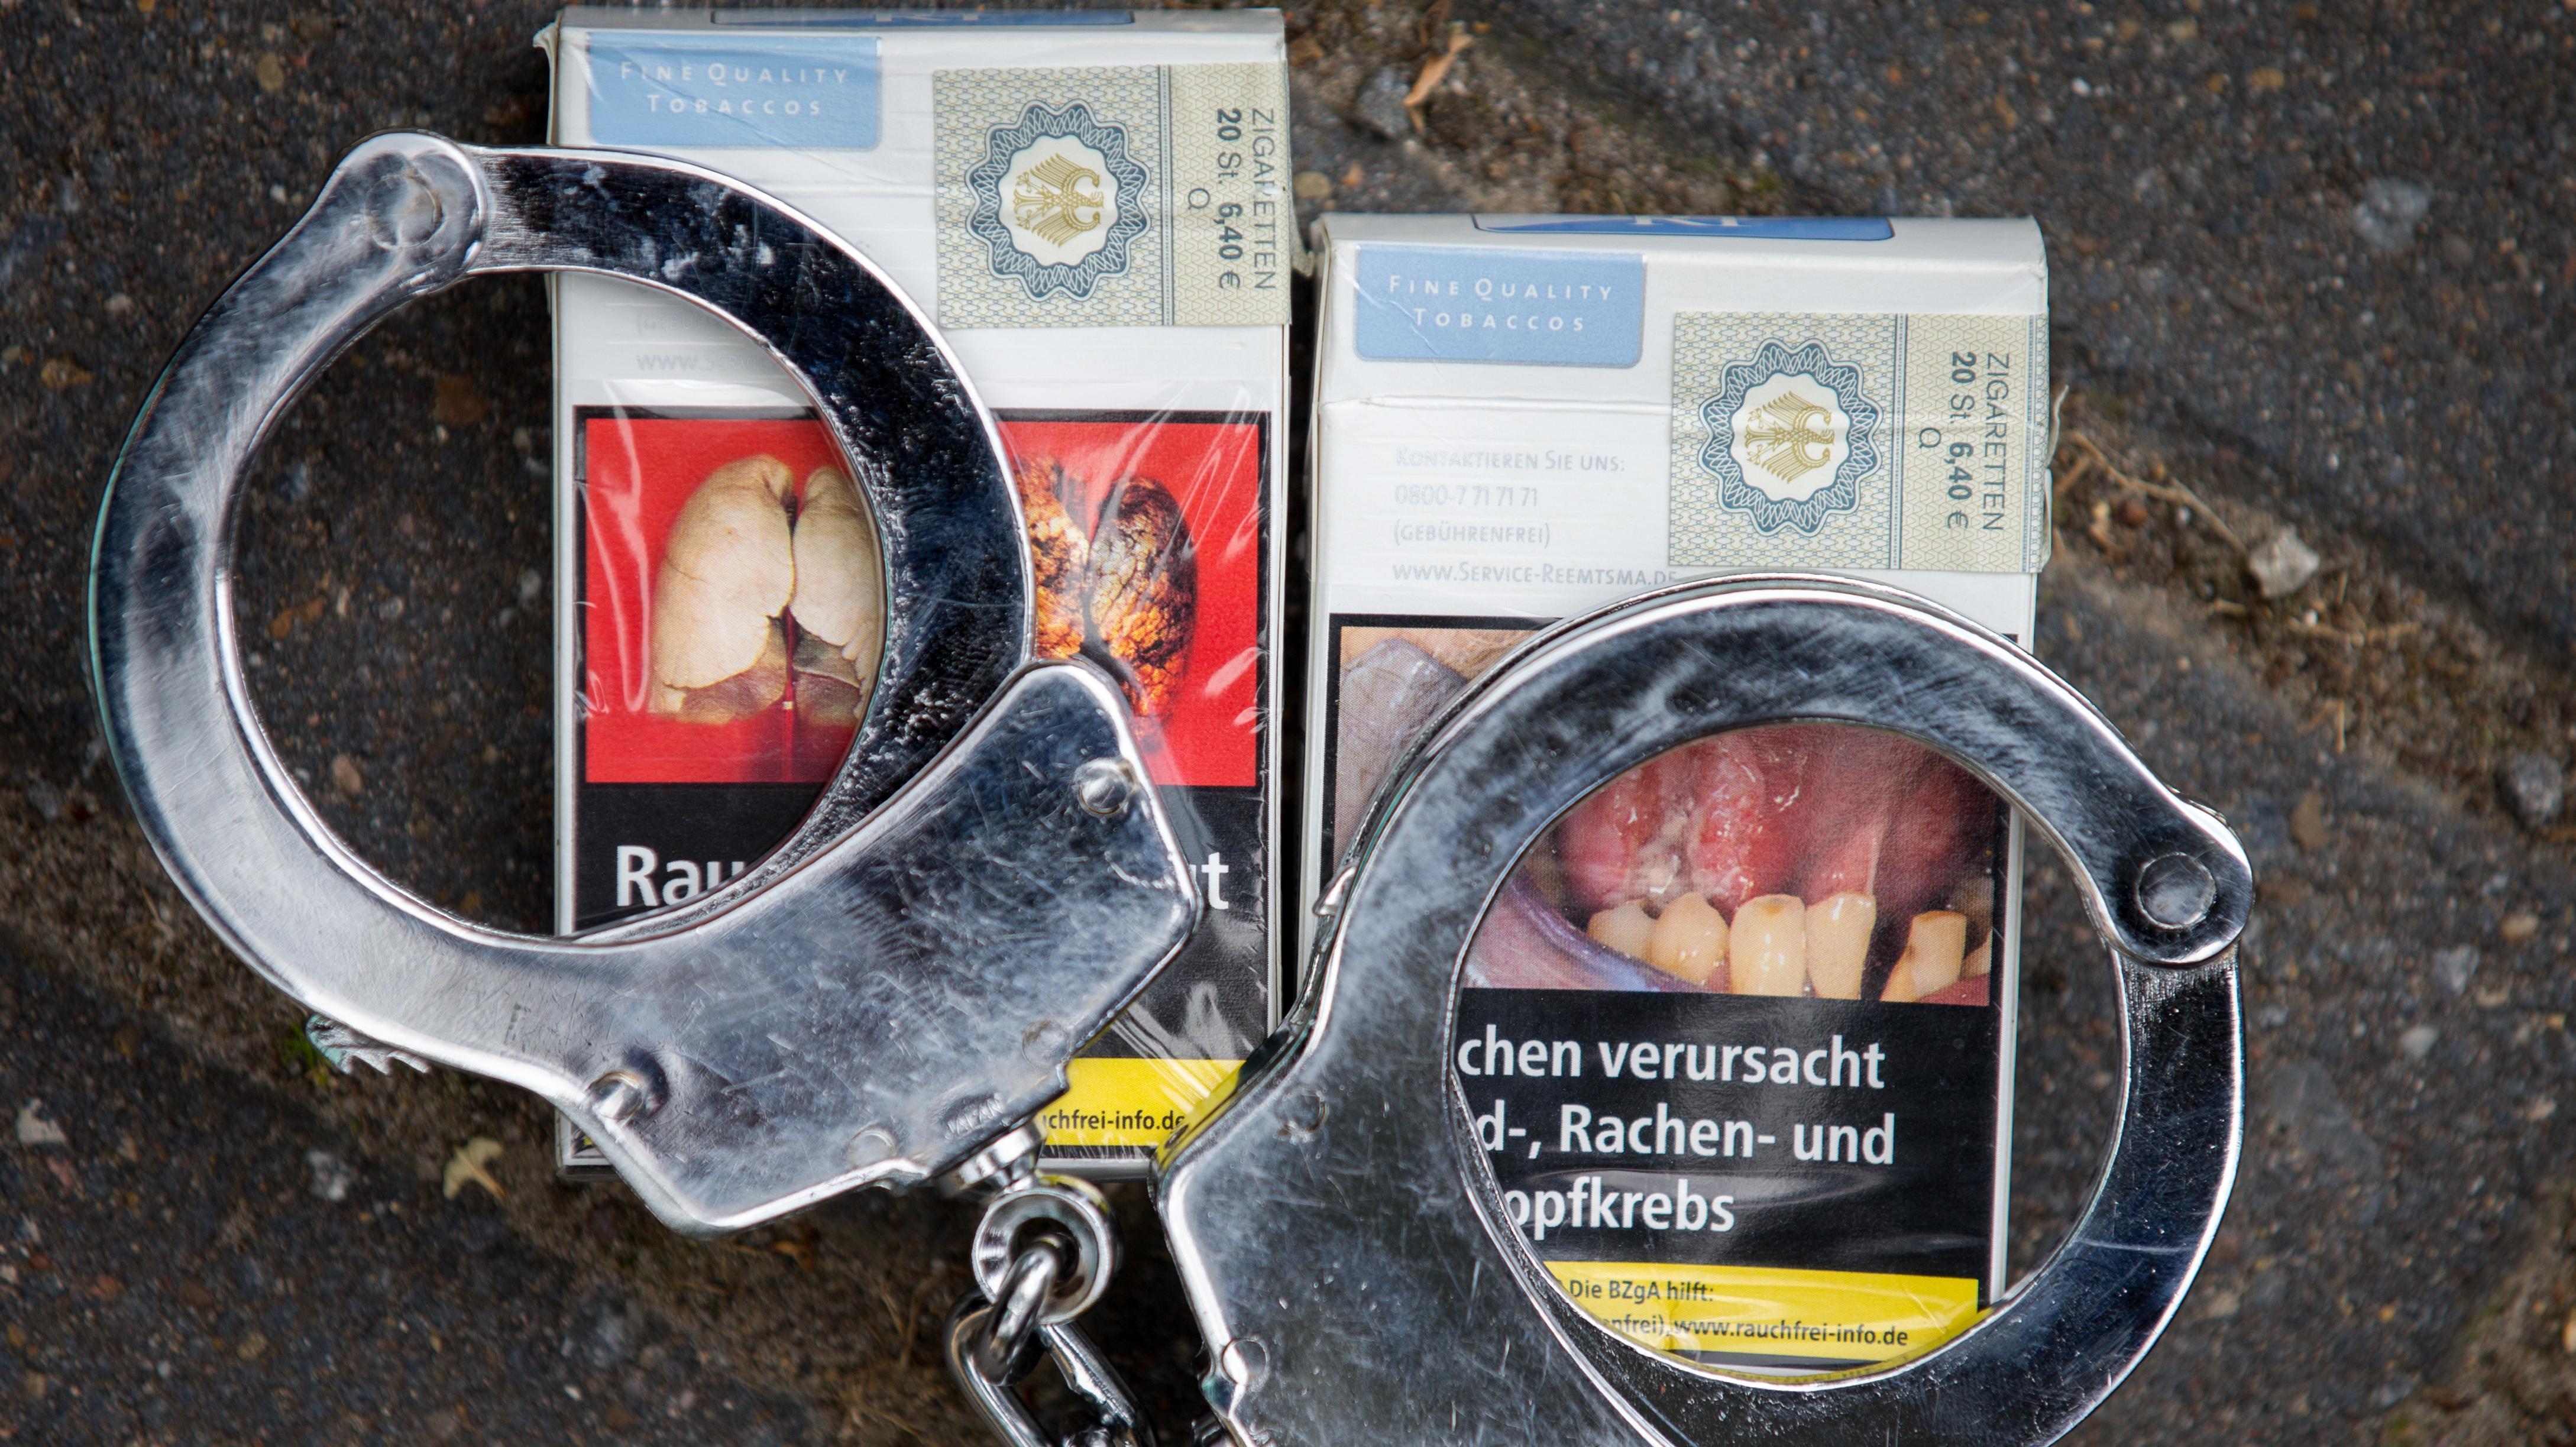 Ein Paar Handschellen liegt auf zwei Zigarettenpackungen.